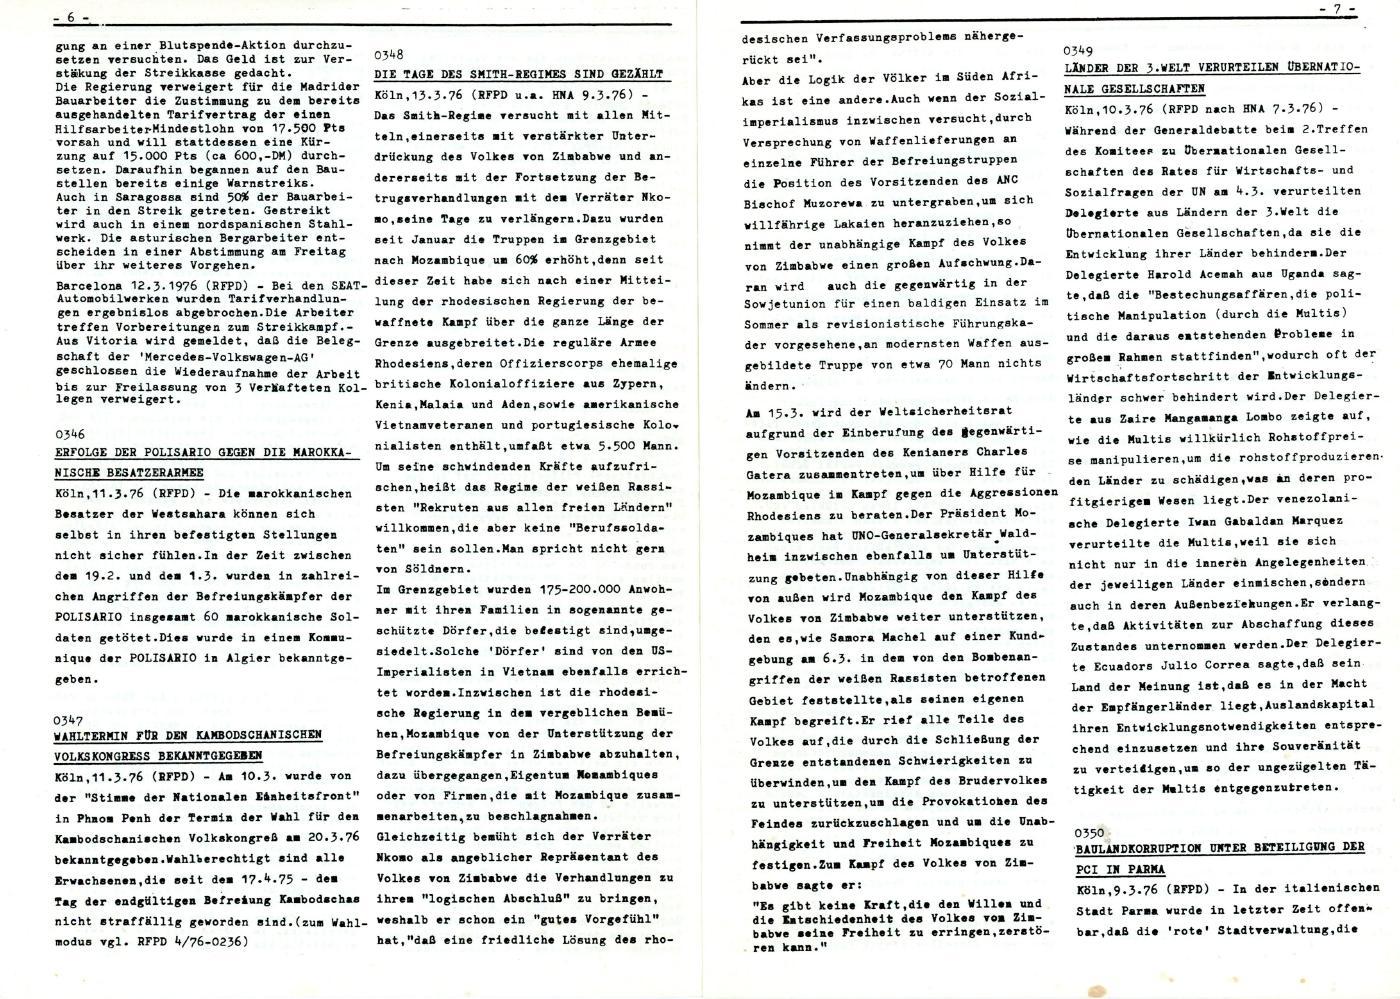 Rote_Fahne_Pressedienst_1976_11_04